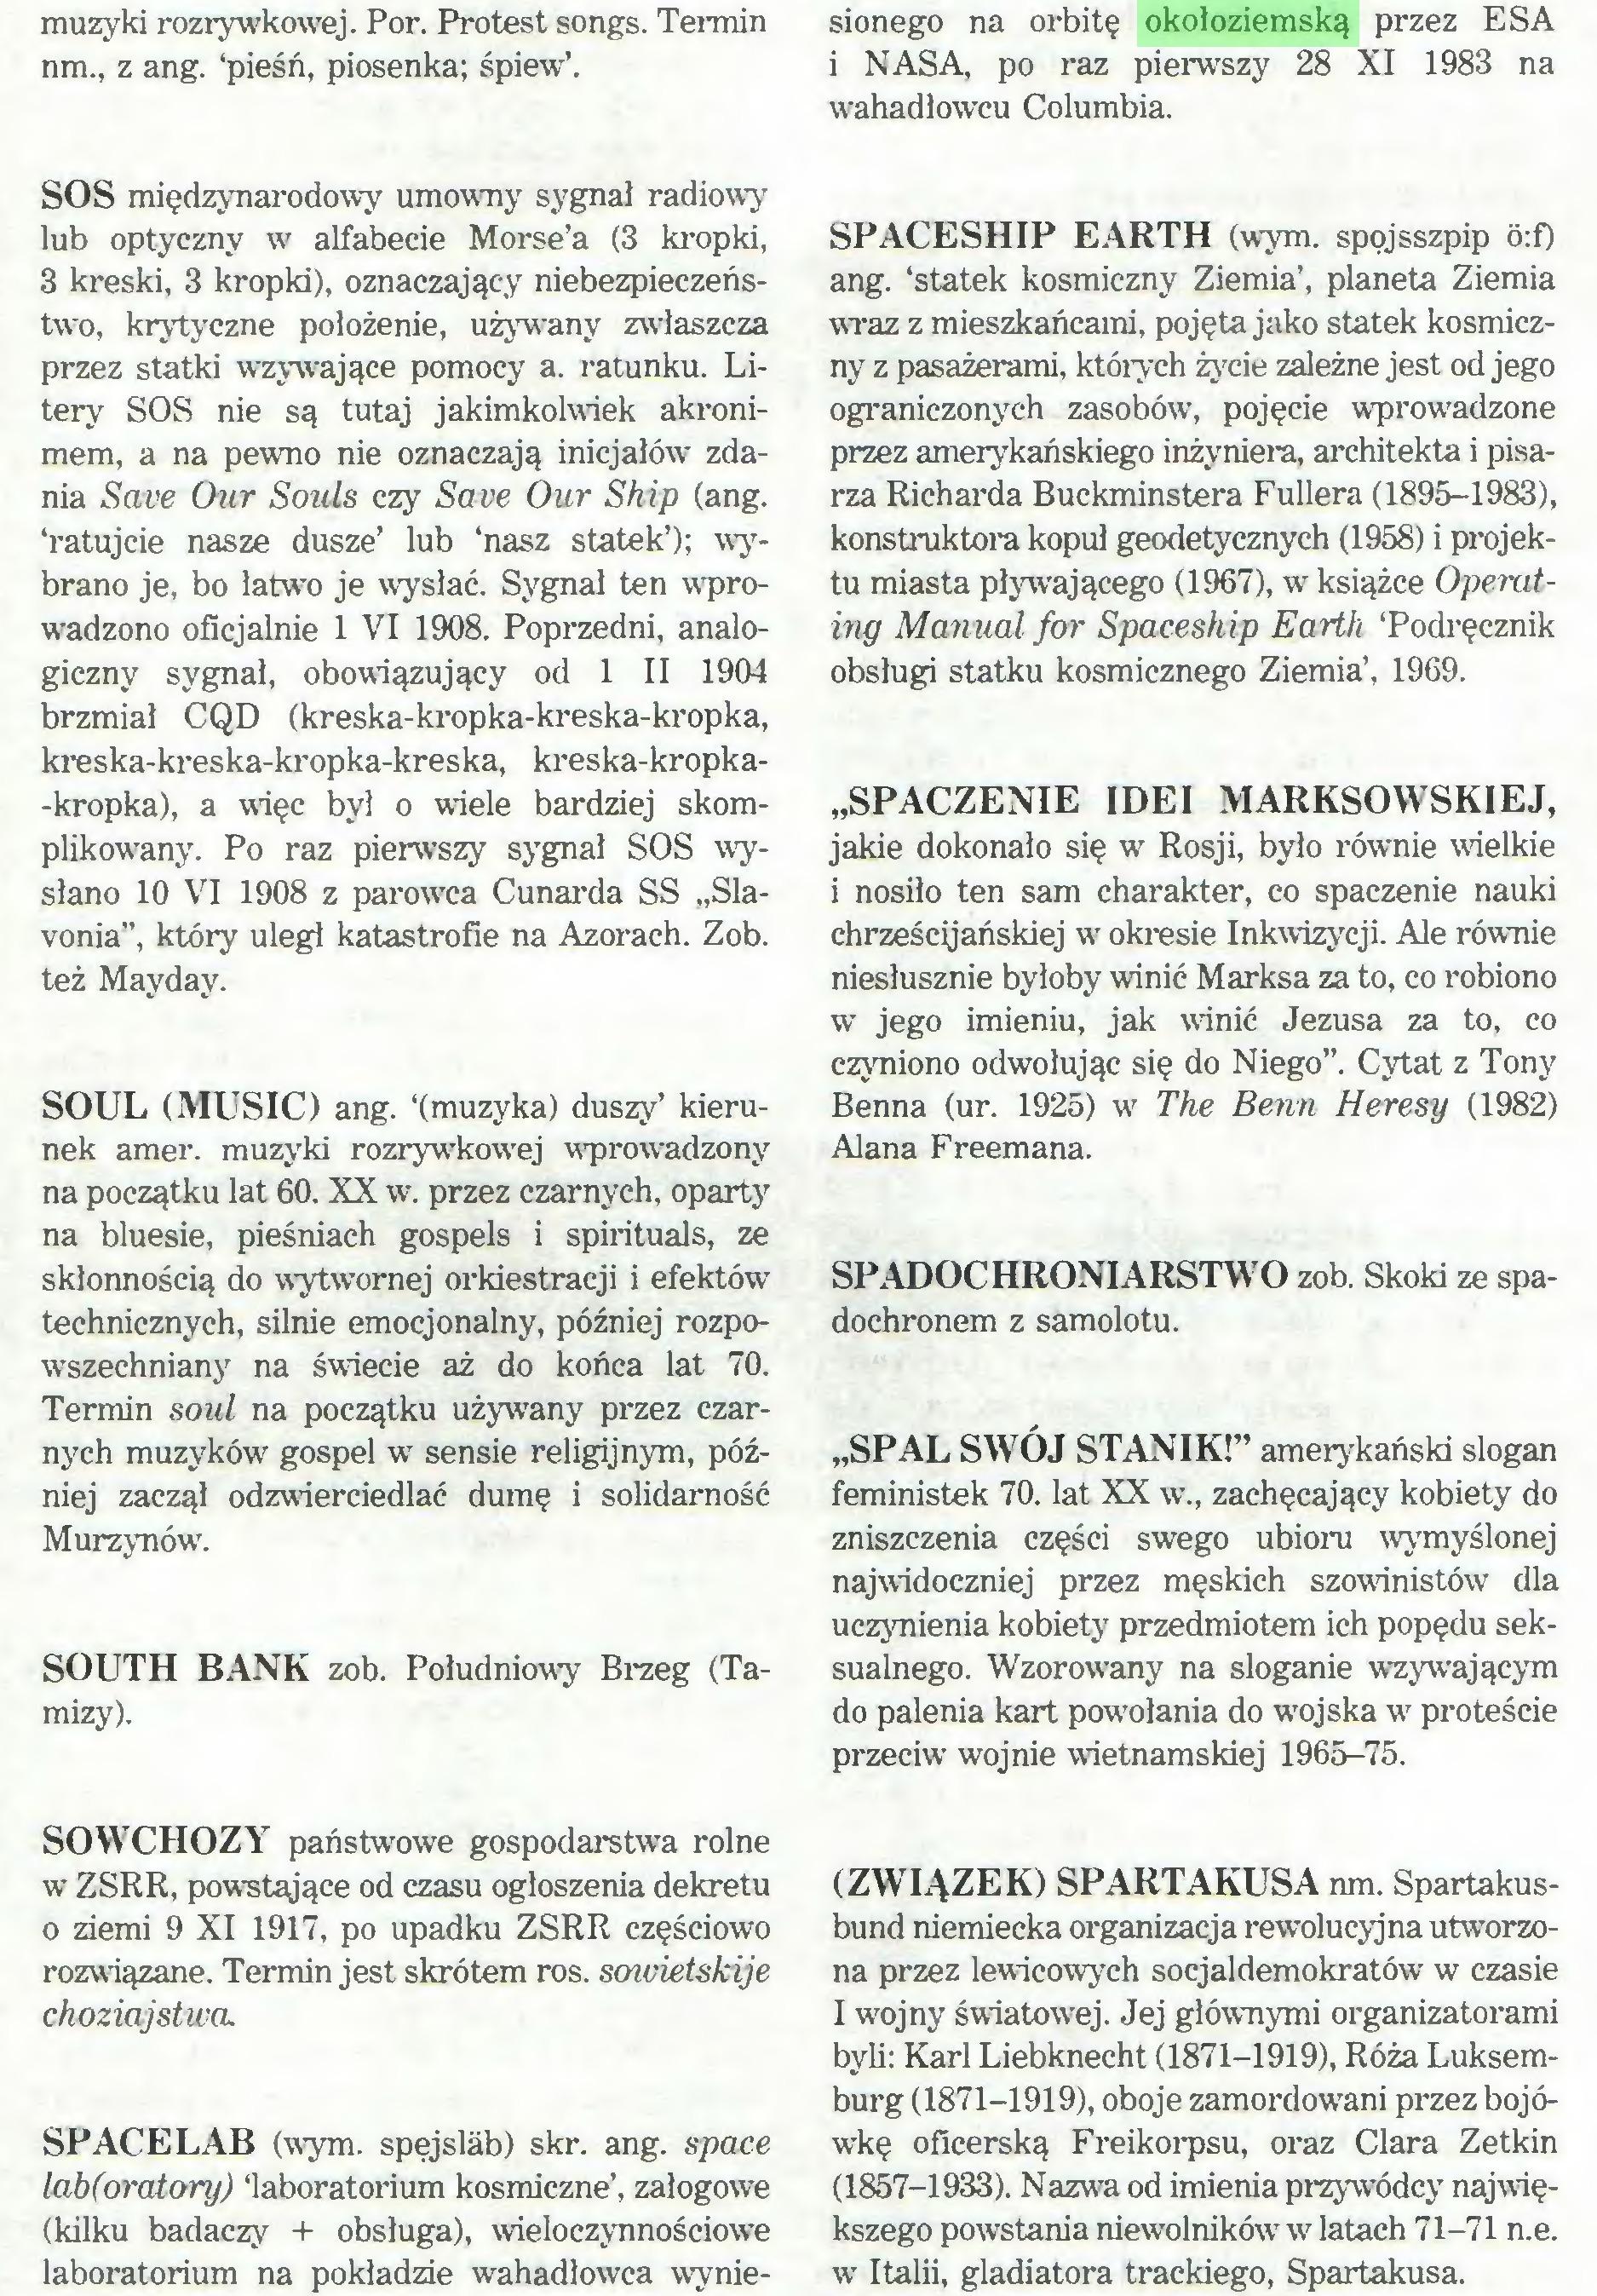 (...) SPACELAB (wym. spęjslab) skr. ang. space lab(oratory) 'laboratorium kosmiczne', załogowe (kilku badaczy + obsługa), wieloczynnościowe laboratorium na pokładzie wahadłowca wynie¬ sionego na orbitę okoloziemską przez ESA i NASA, po raz pierwszy 28 XI 1983 na wahadłowcu Columbia...